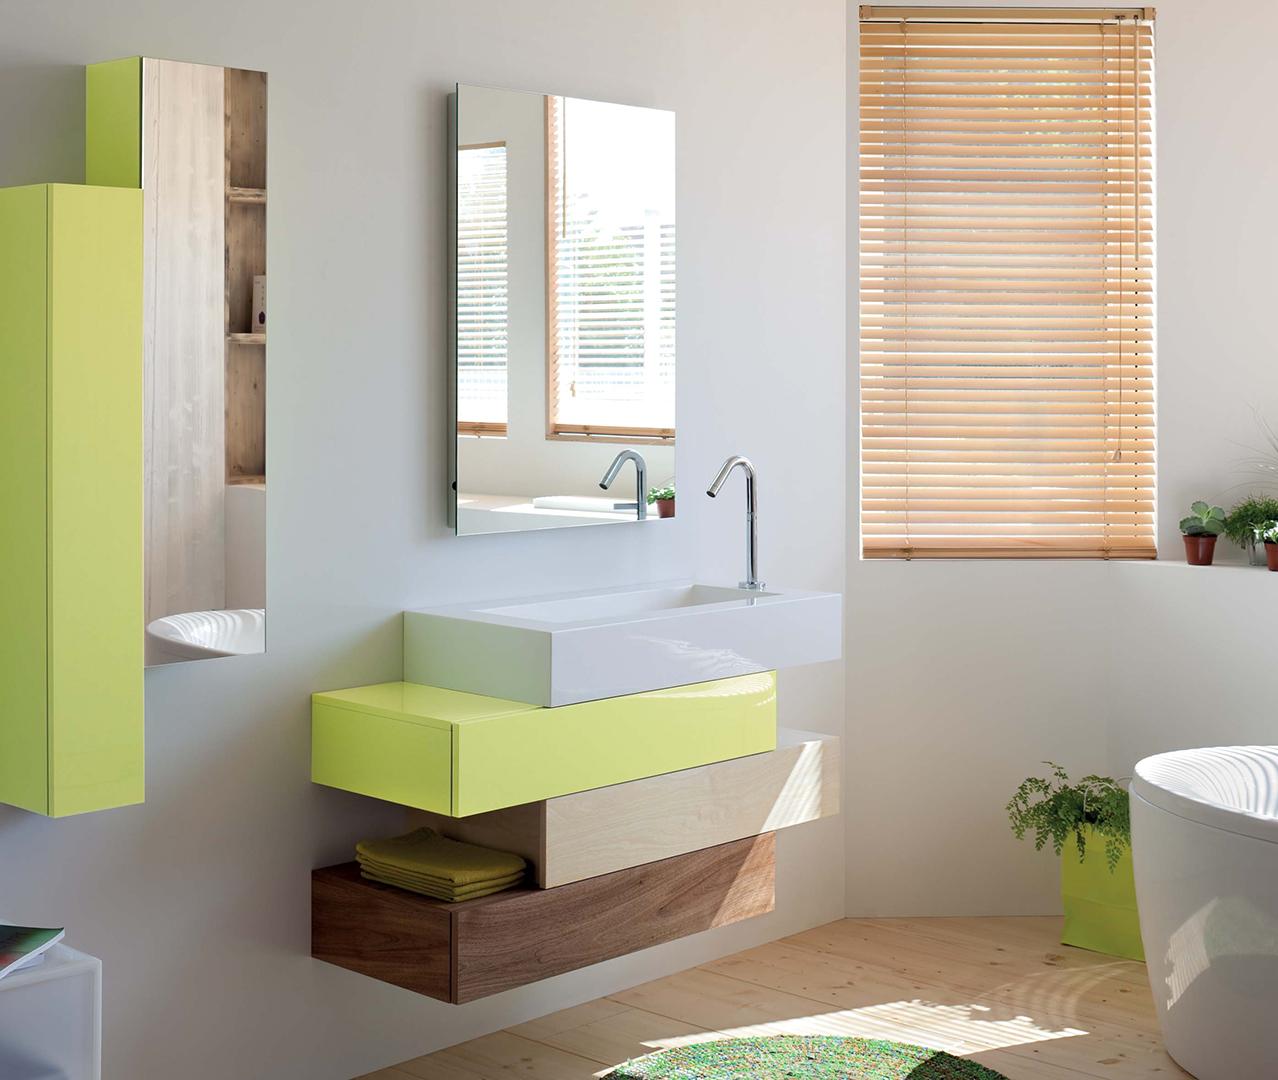 Gamme pacific meubles salle de bain moderne sanijura for Configurer une salle de bain